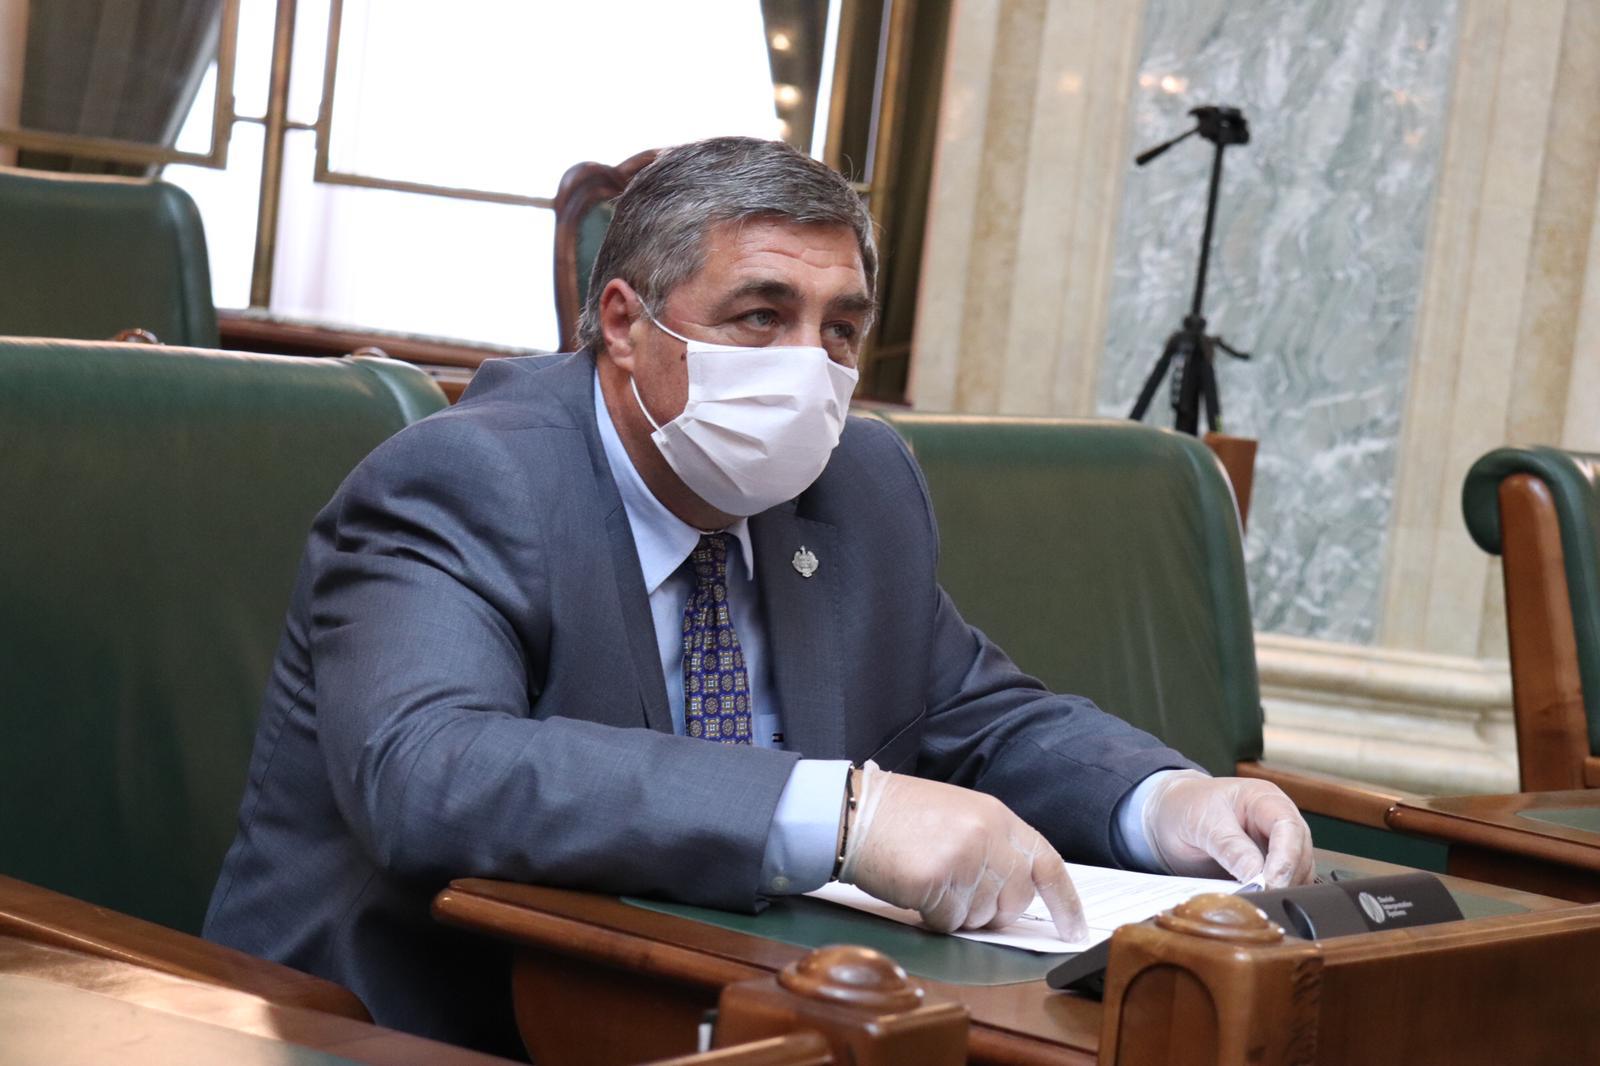 Senatorul Dan Manoliu: inițiativă parlamentară de modificare a legii pentru regimul circulației cetățenilor români în străinătate